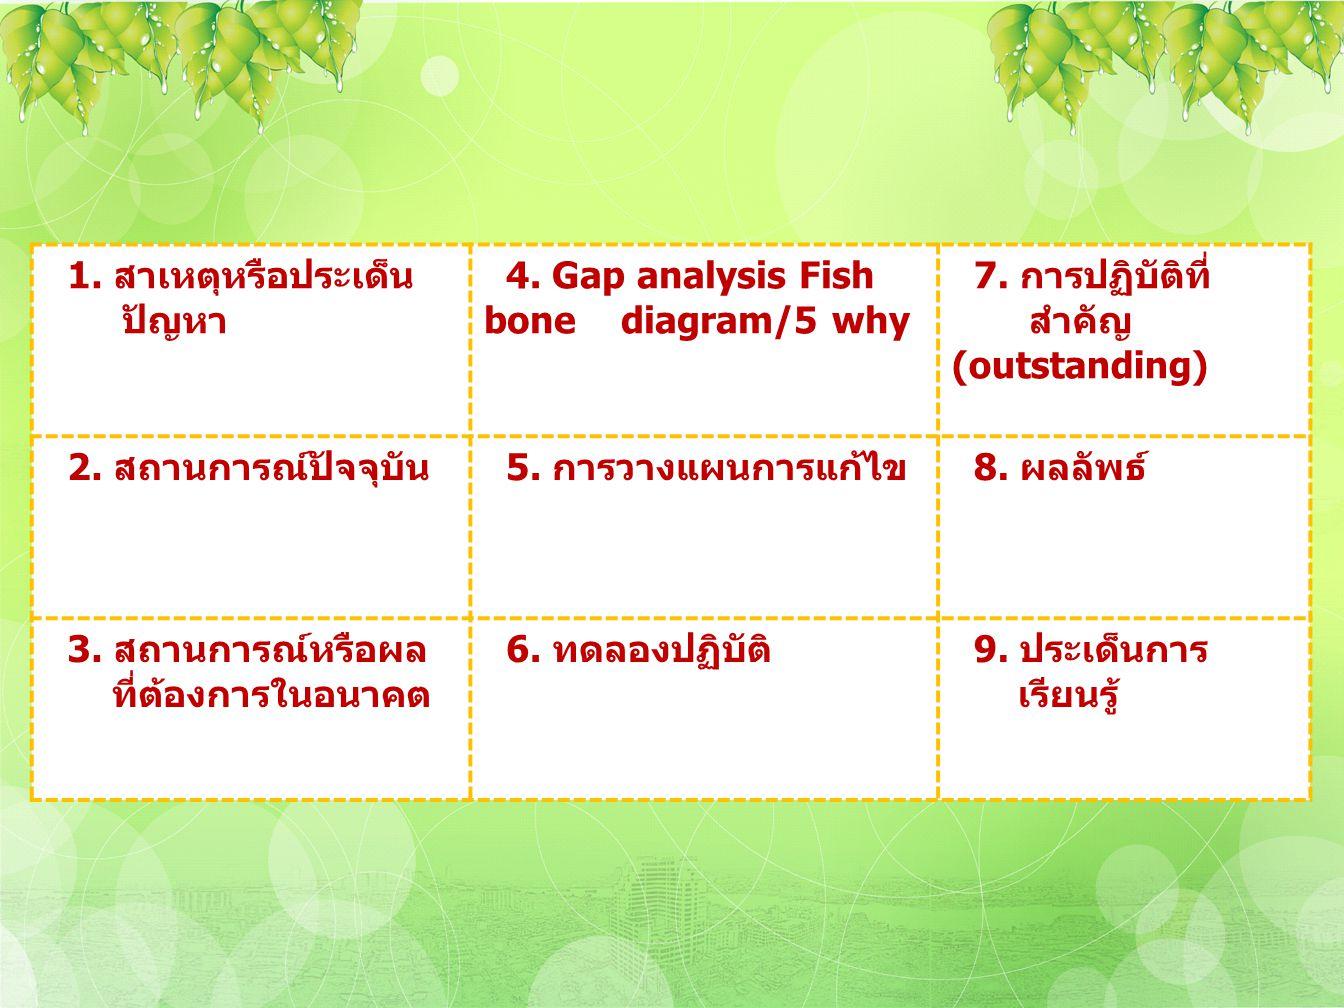 1. สาเหตุหรือประเด็น ปัญหา 4. Gap analysis Fish bone diagram/5 why 7. การปฏิบัติที่ สำคัญ (outstanding) 2. สถานการณ์ปัจจุบัน 5. การวางแผนการแก้ไข 8. ผ